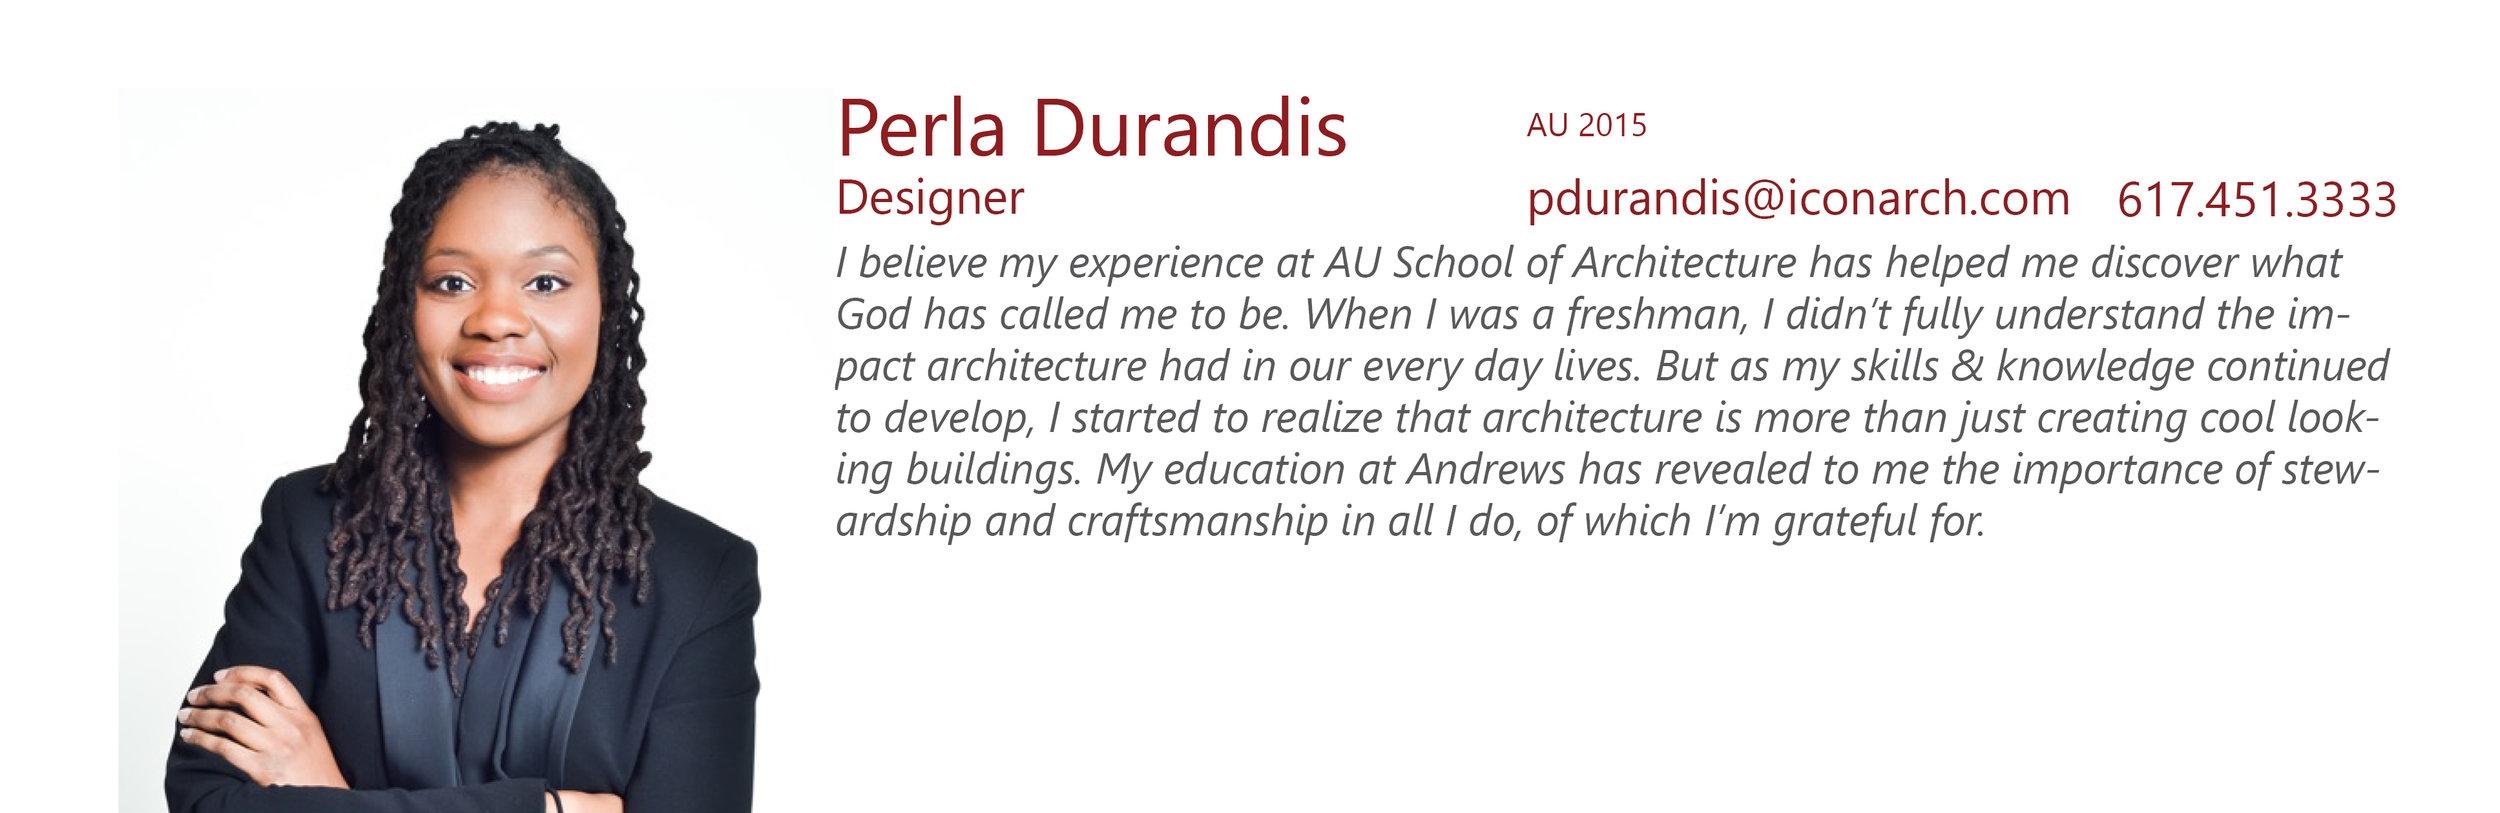 Perla Durandis.jpg